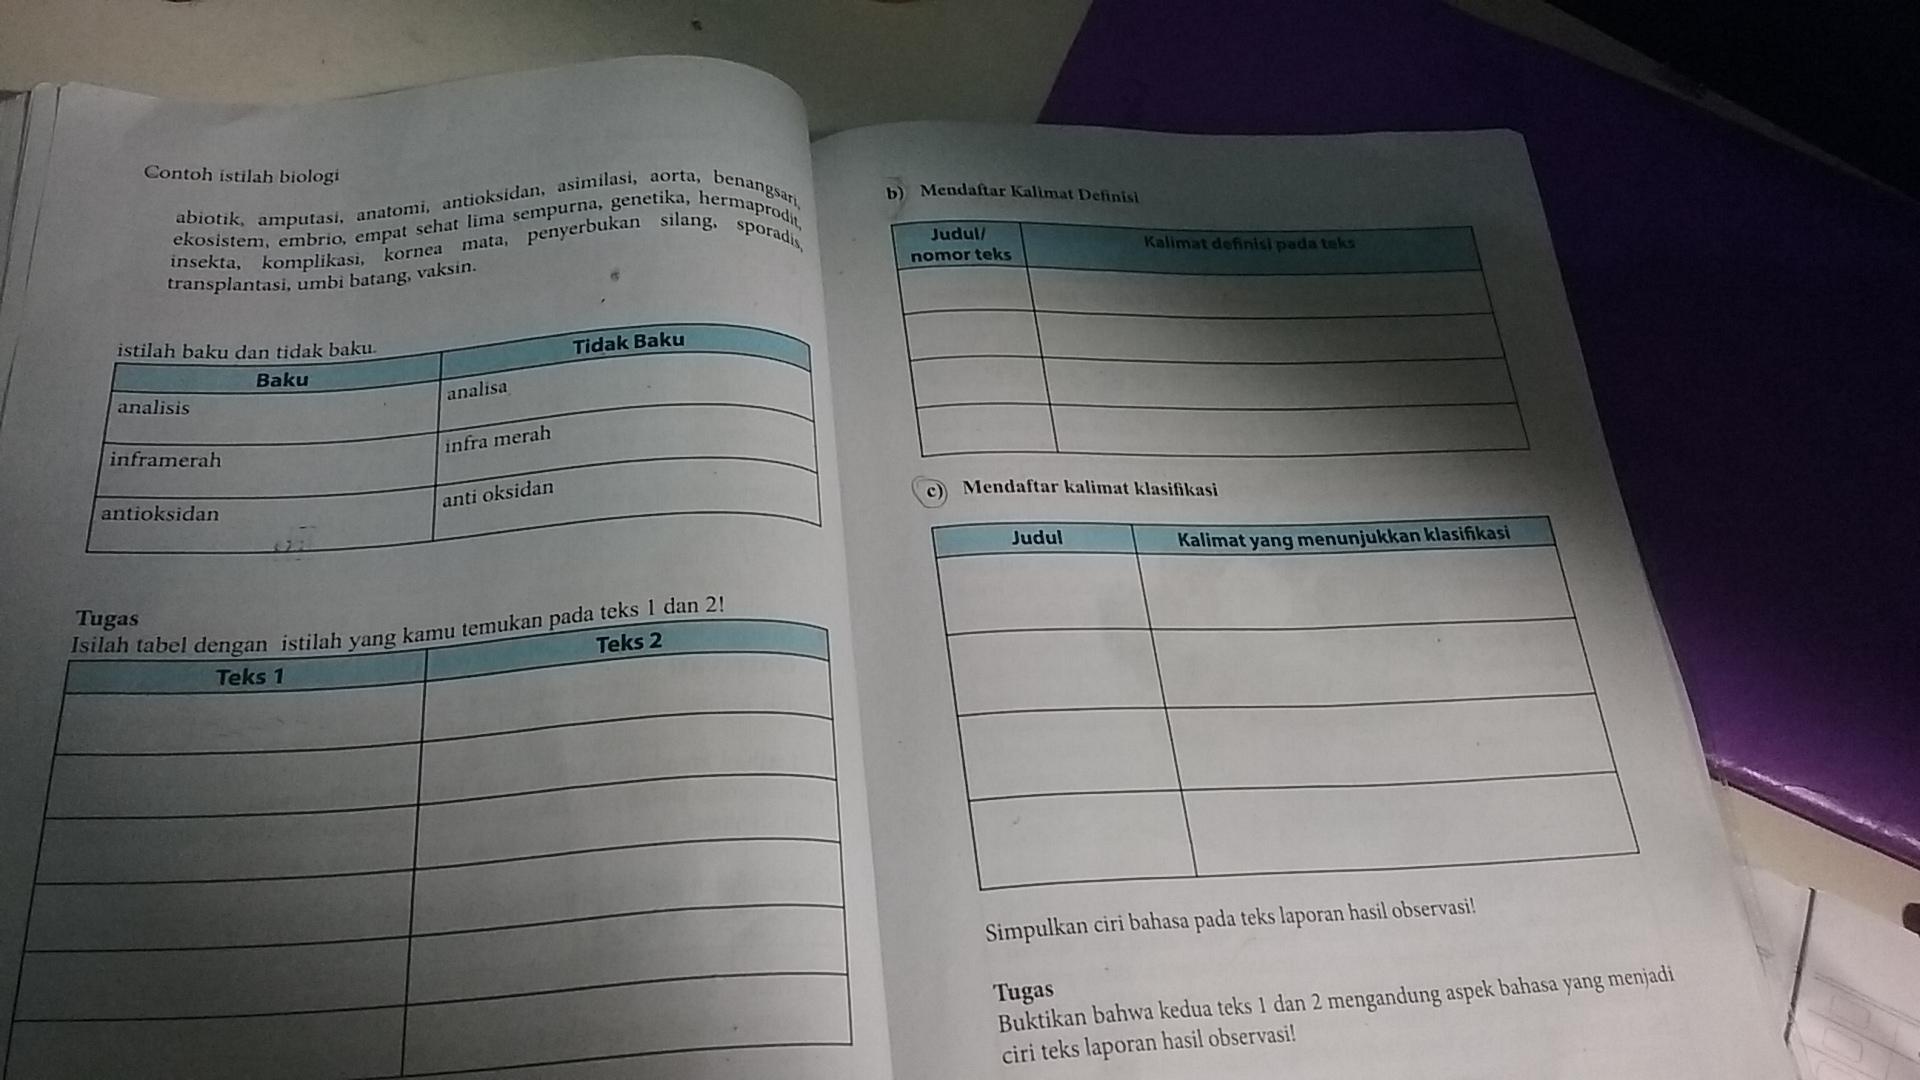 Isilah Tabel Dengan Istilah Yang Kamu Temukan Pada Teks 1 Dan Teks 2